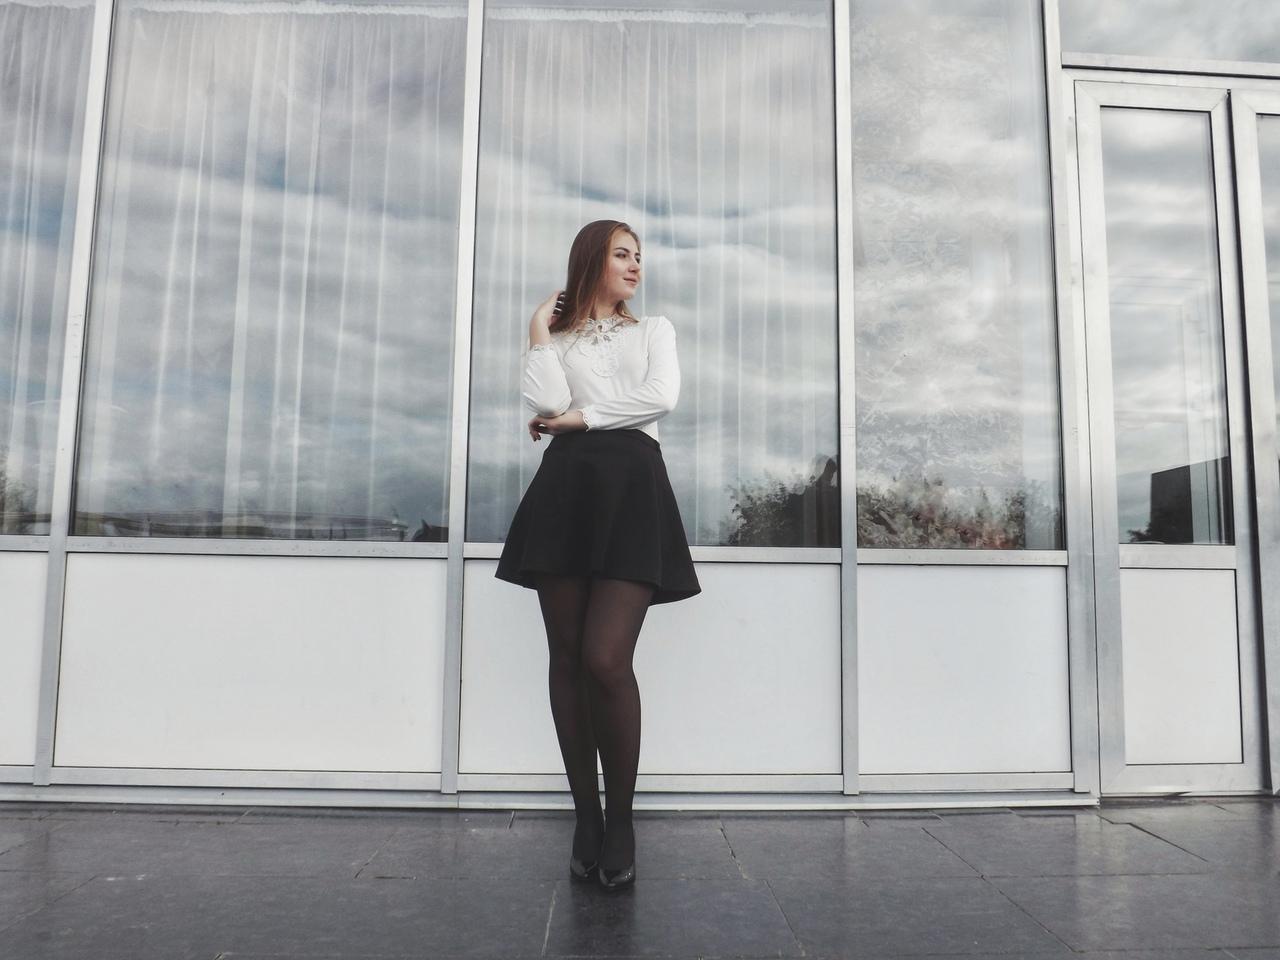 Модели онлайн кирово чепецк работа на выездах для девушек москва